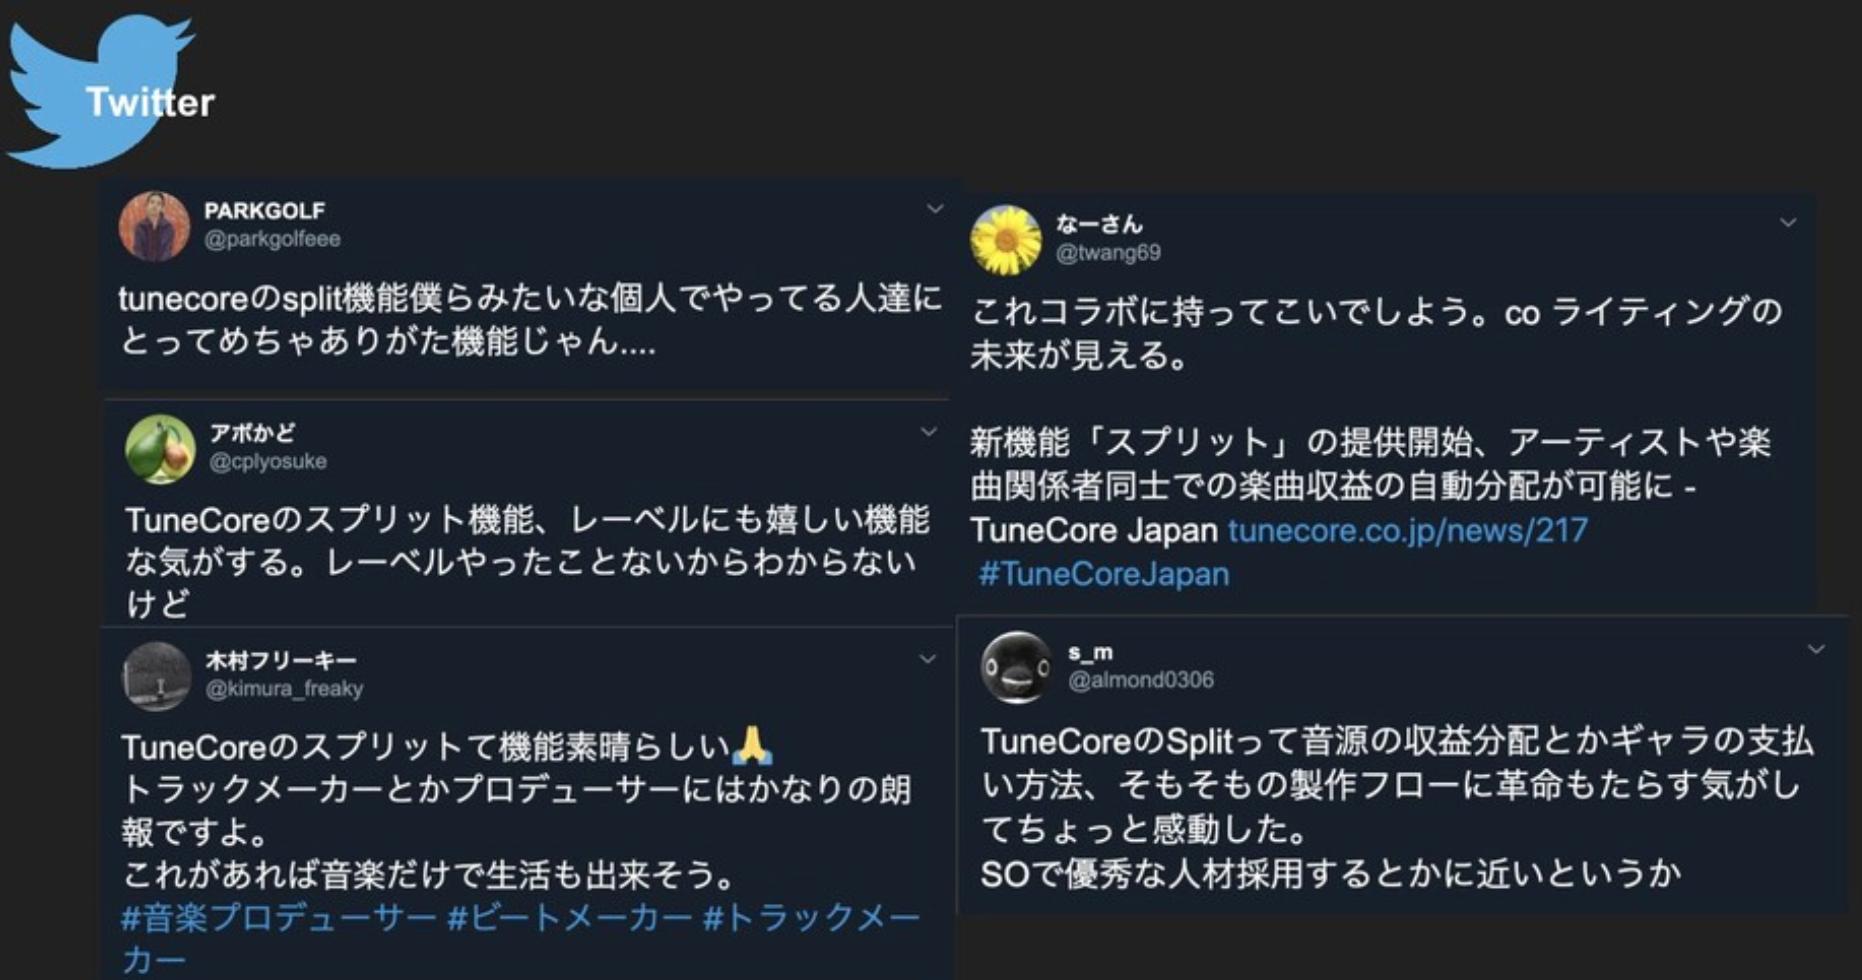 スクリーンショット 2019-12-06 08.00.59.png